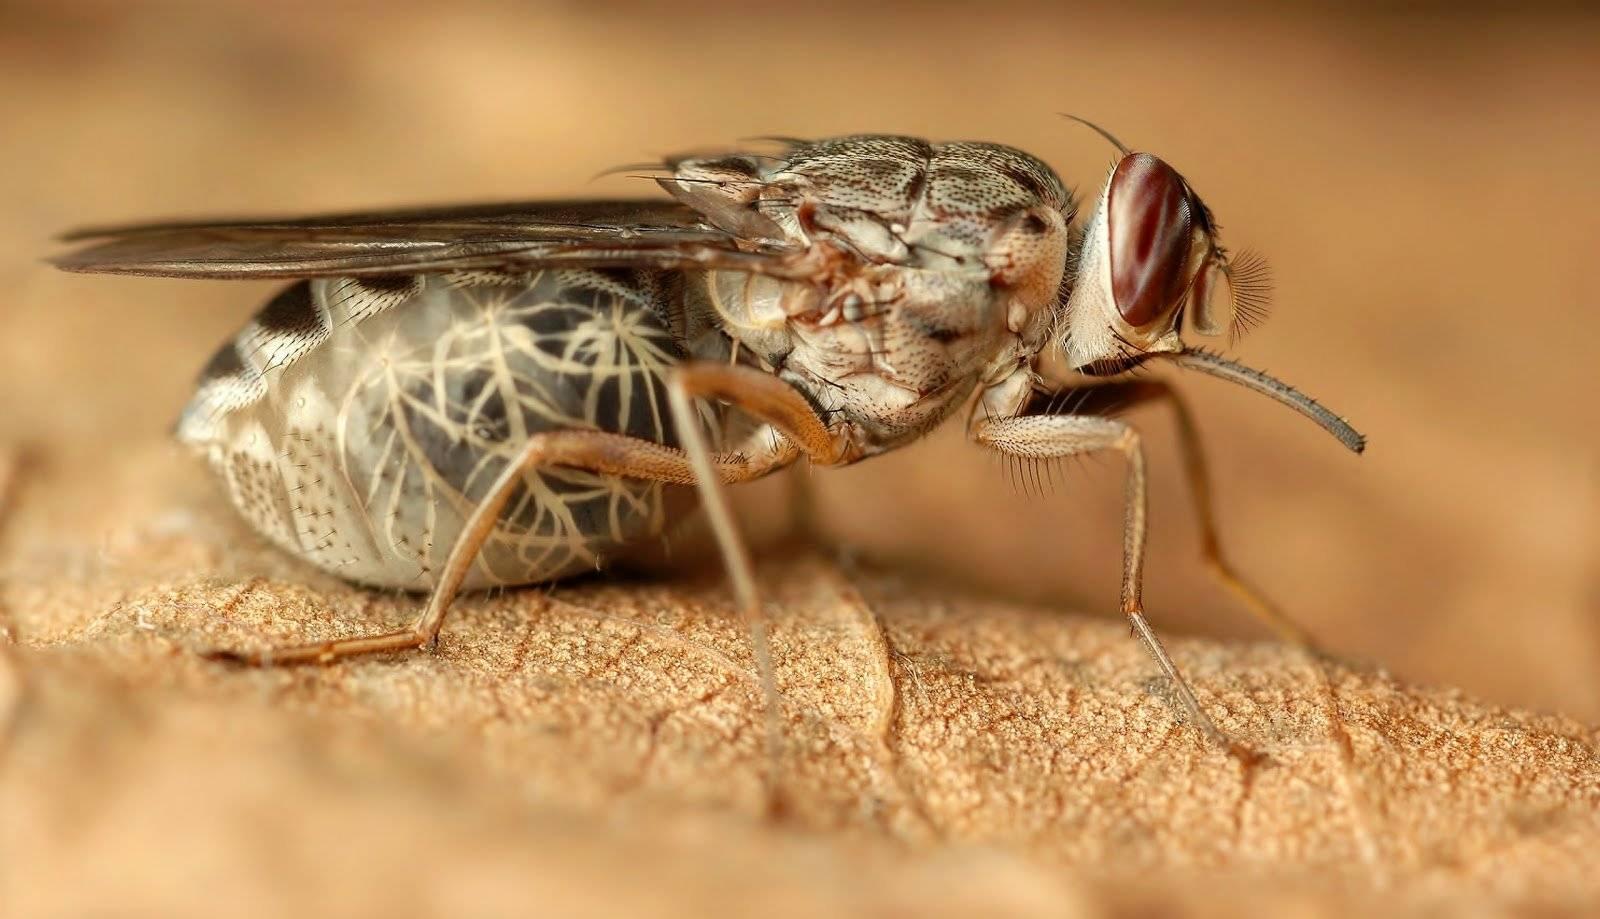 Муха цеце: фото и описание